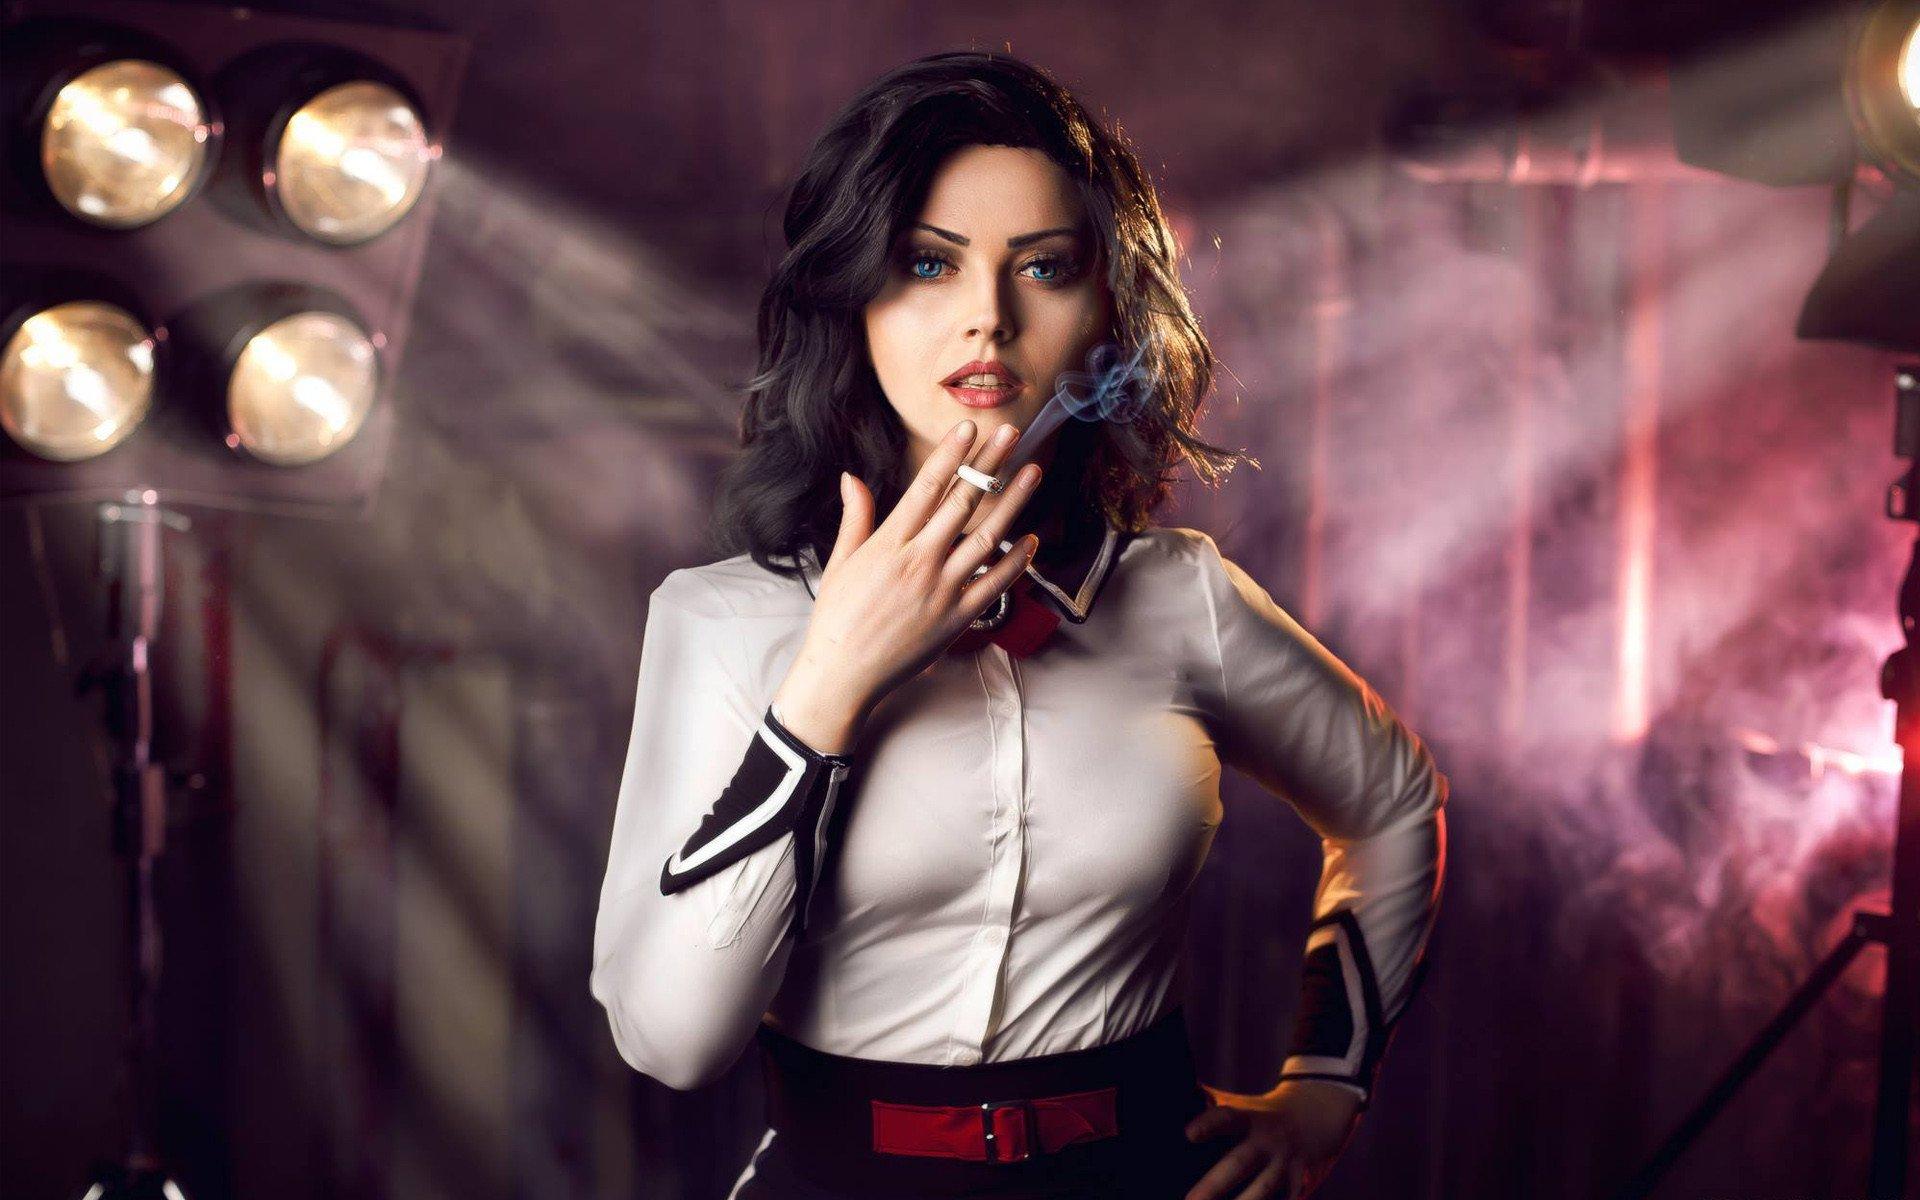 Elizabeth (BioShock Infinite) oyunu 4K Duvar Kağıdı